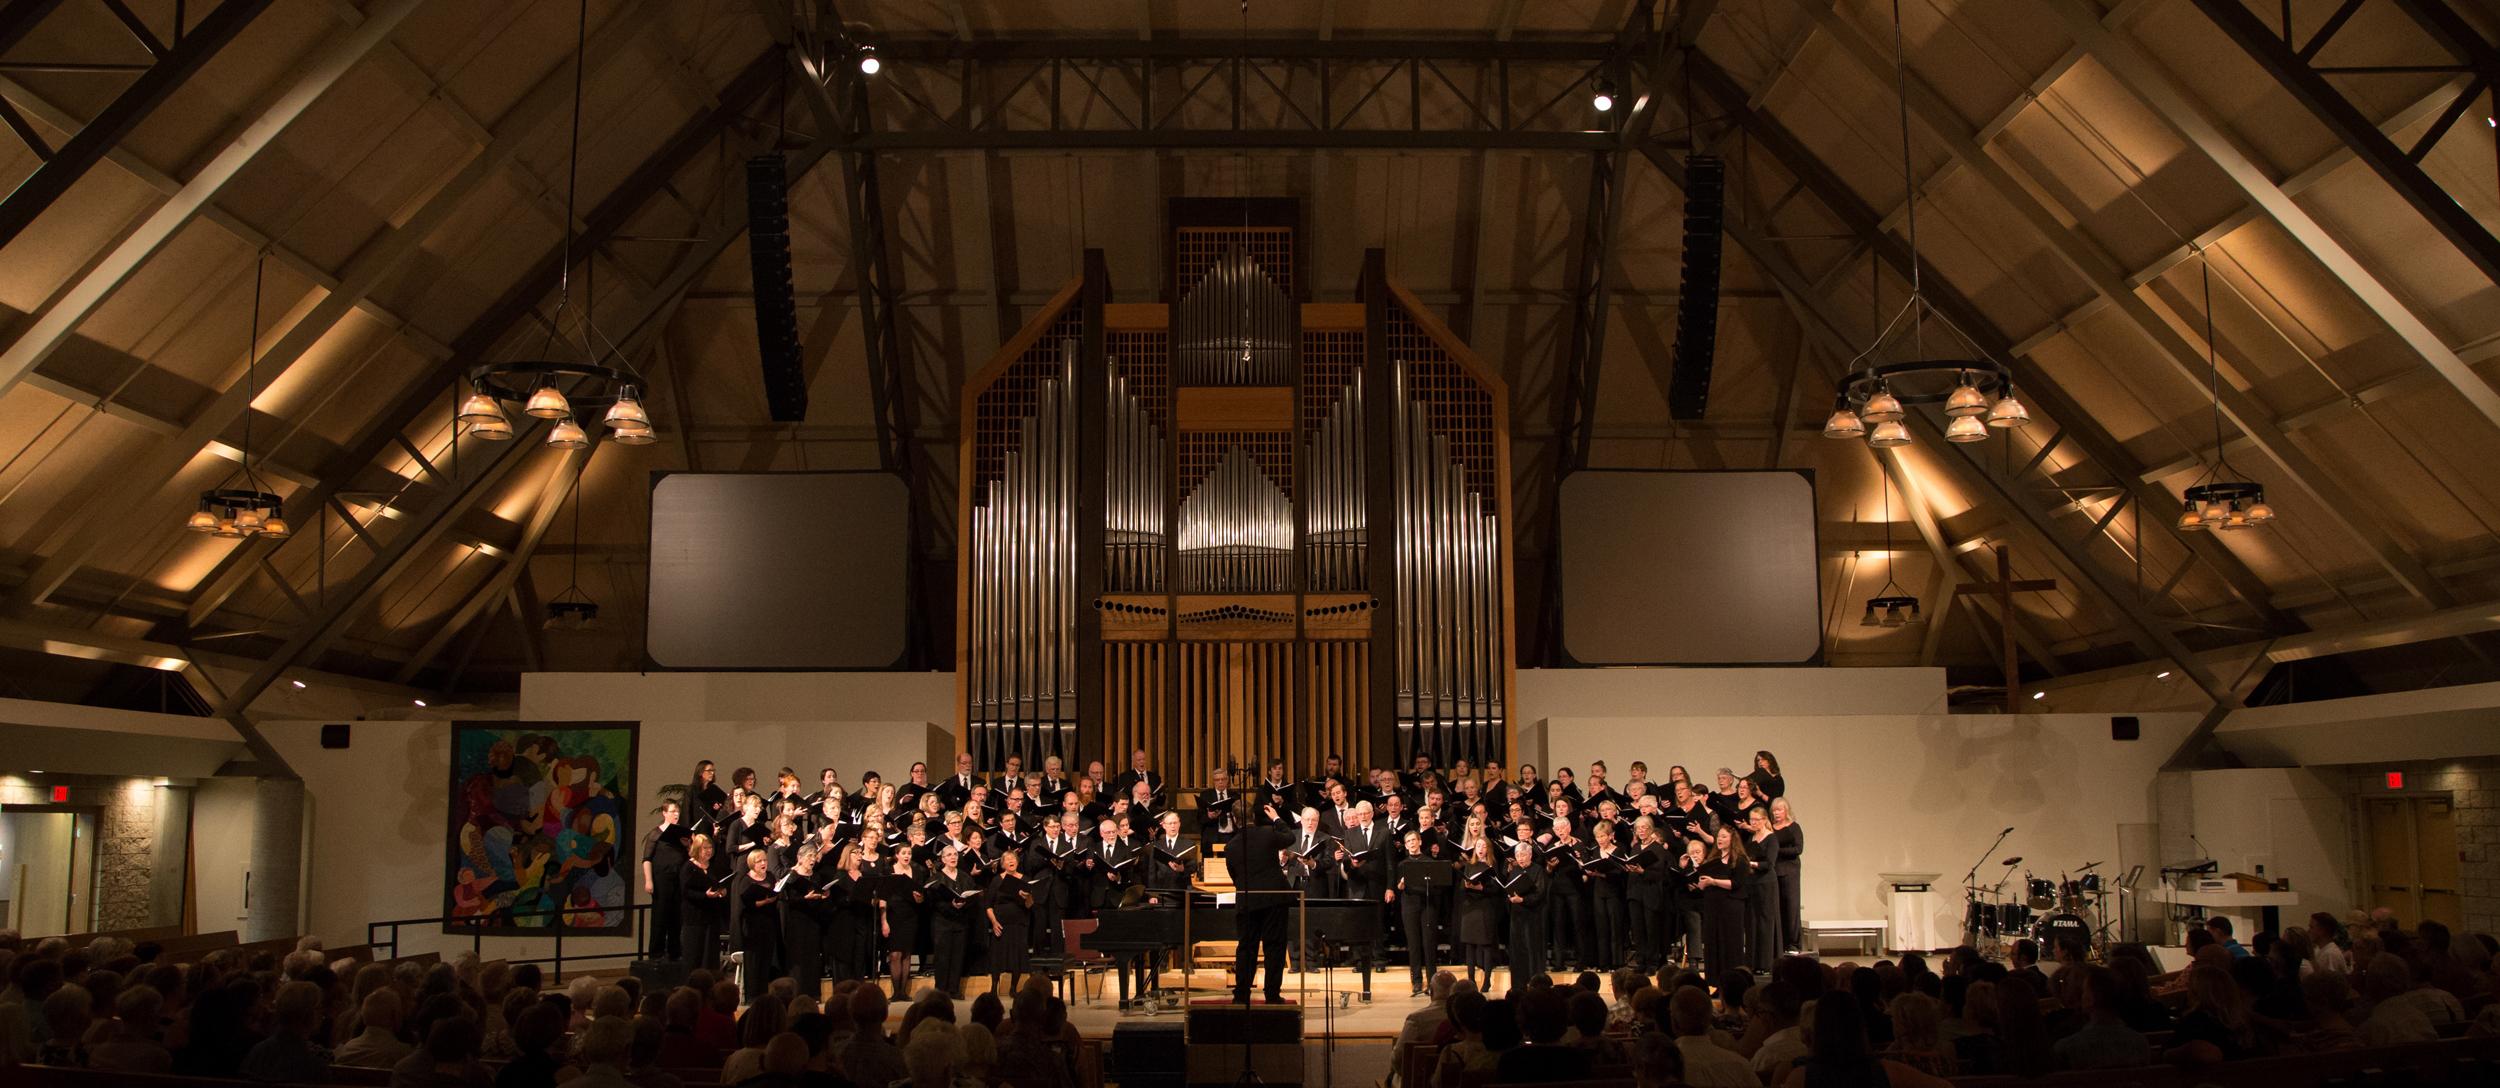 Vocal-Alchemy-Requiem--Concert-12.jpg